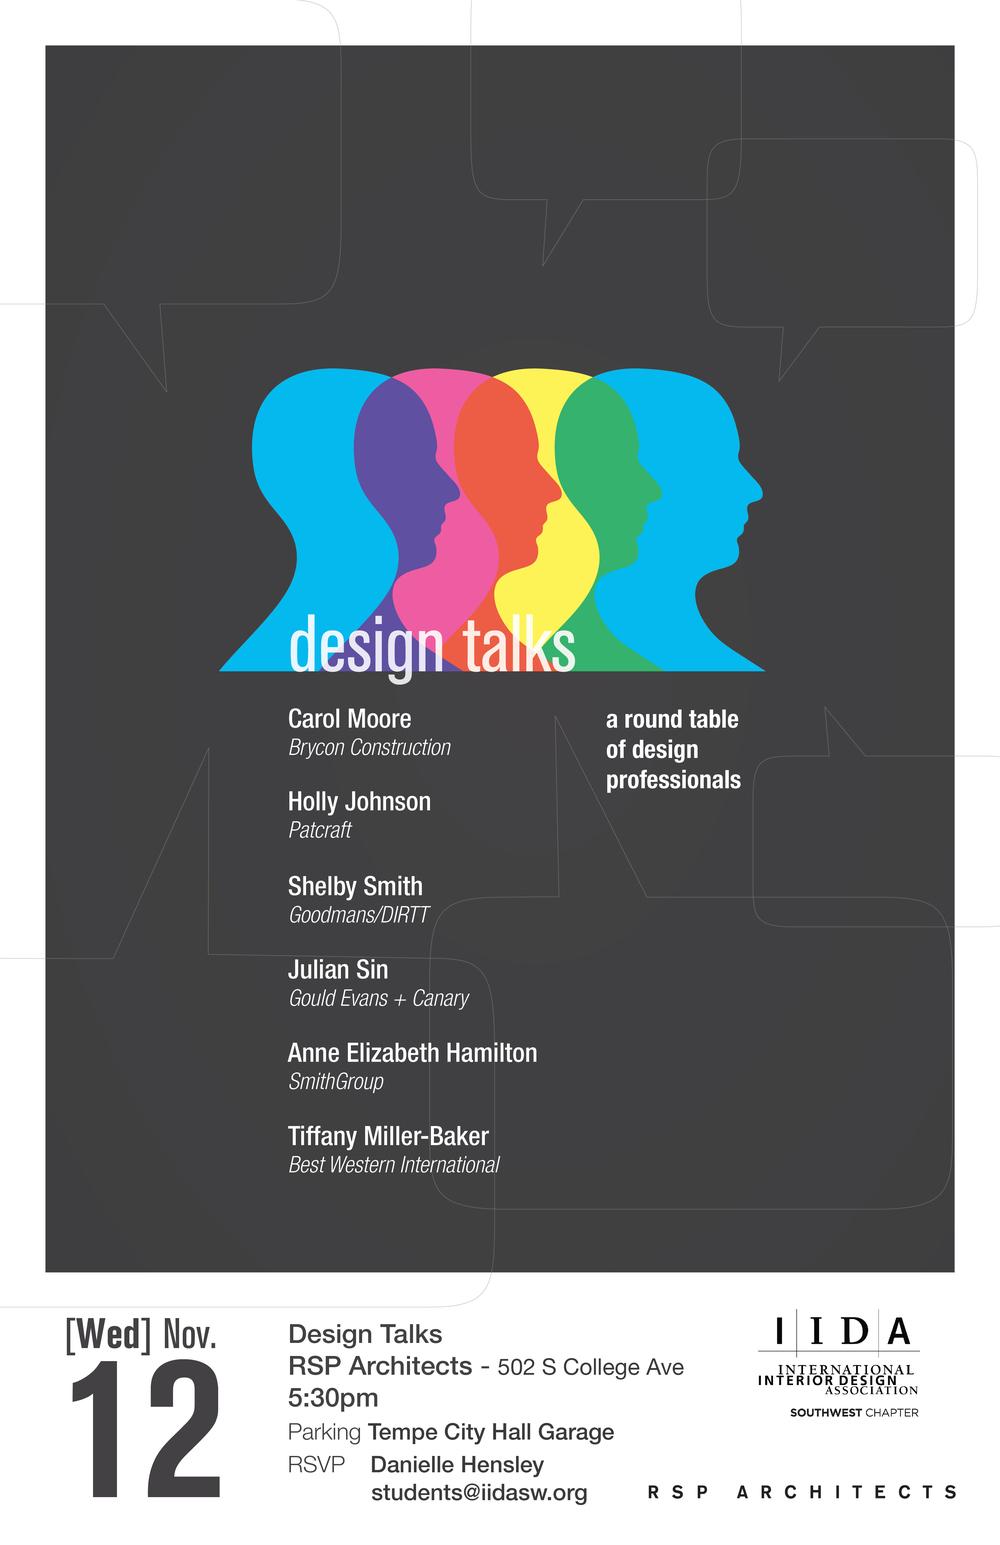 designtalksdark-08.jpg